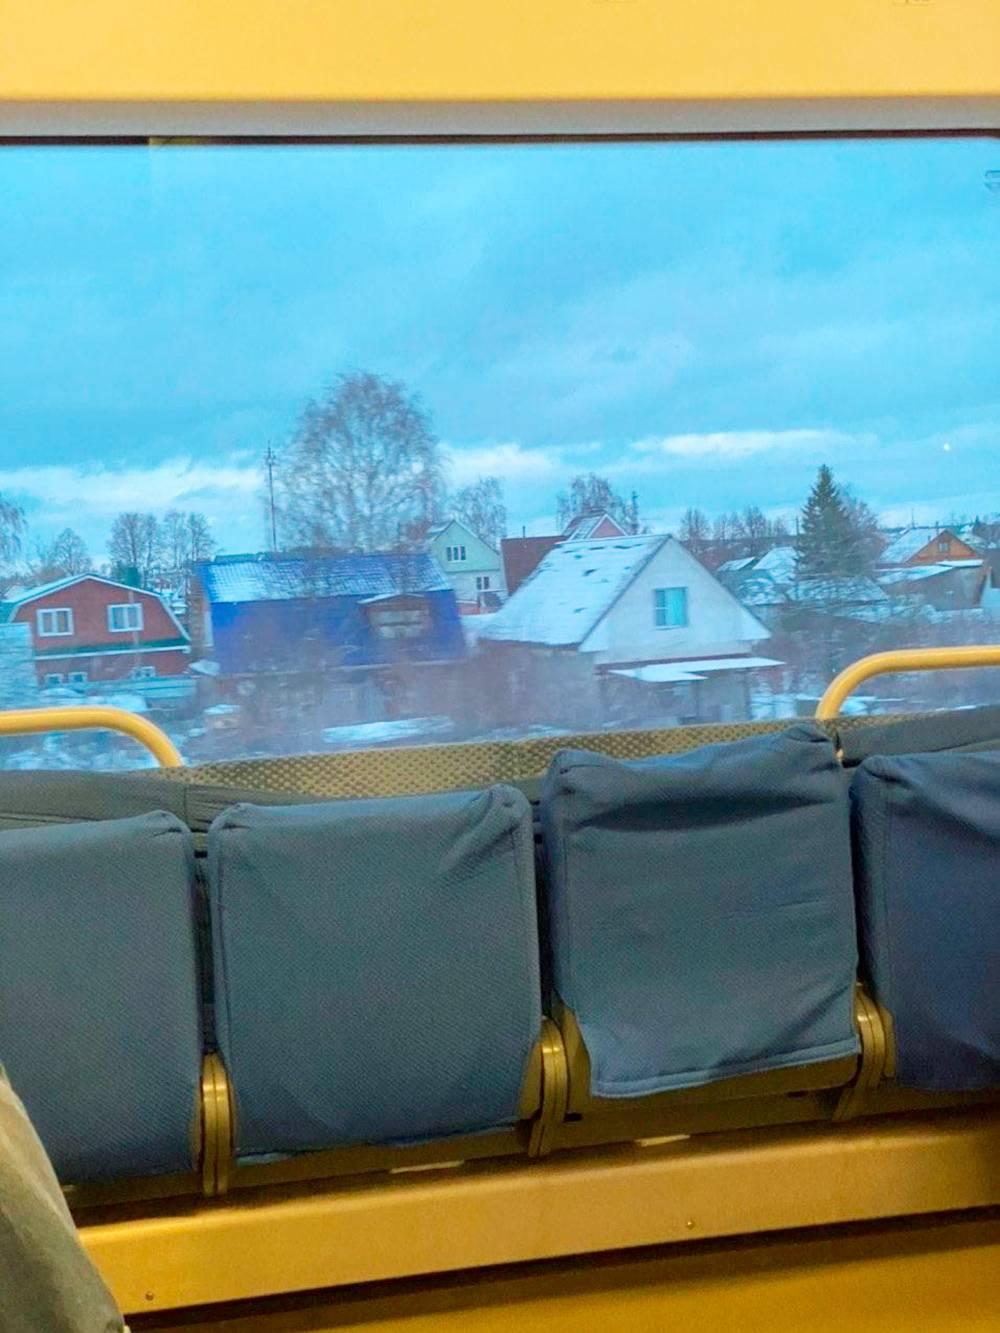 В поезде слушаю подкасты. Ехать четыре часа